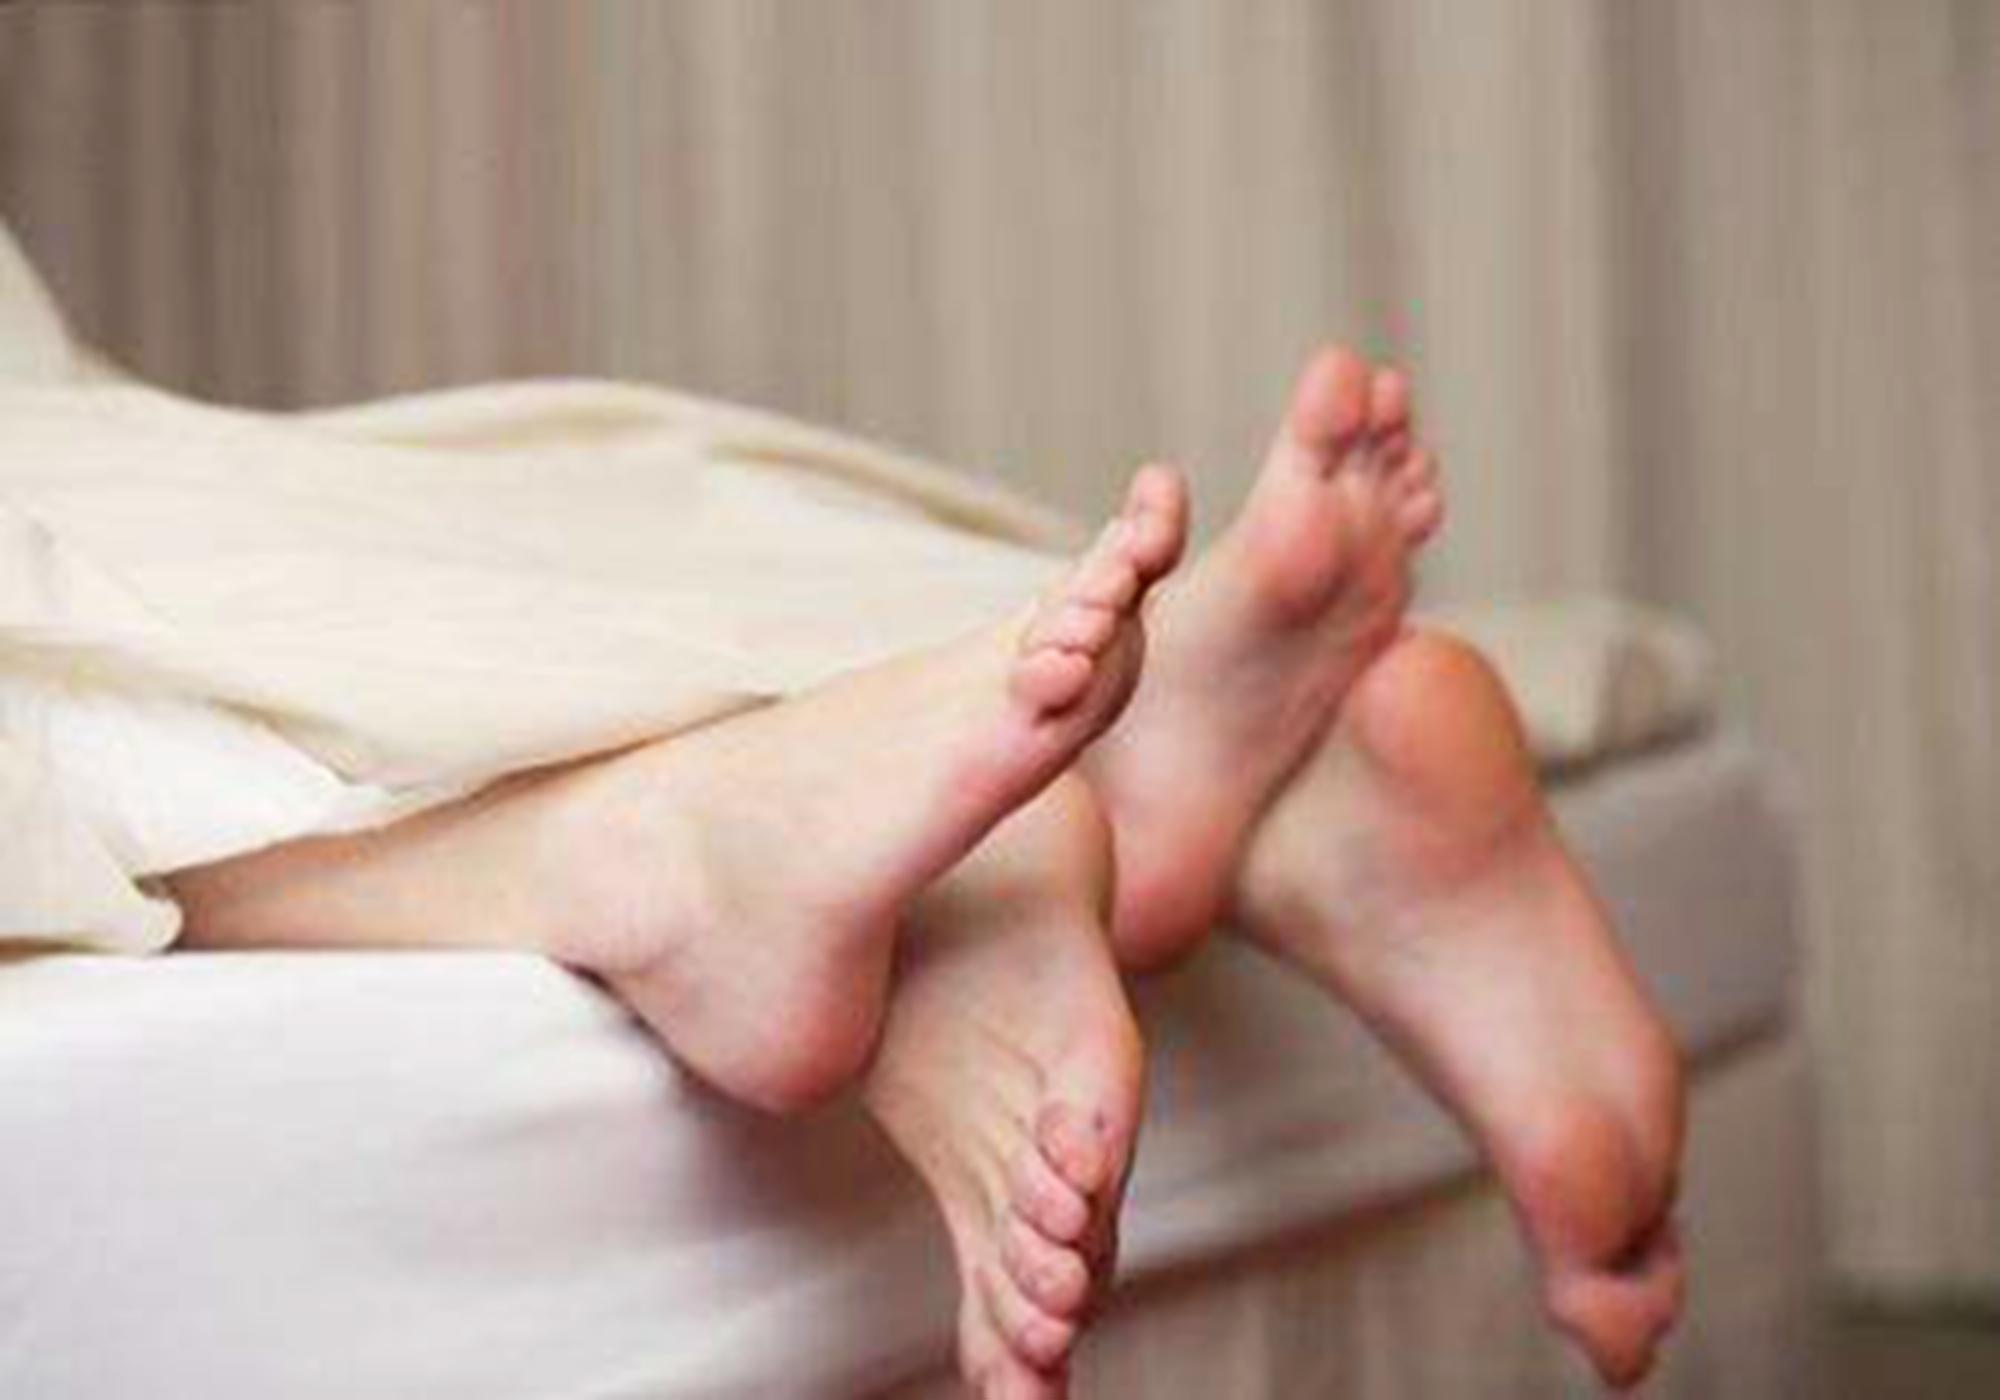 男士晨勃消失不必担心,同时伴有这个症状才要加以警惕